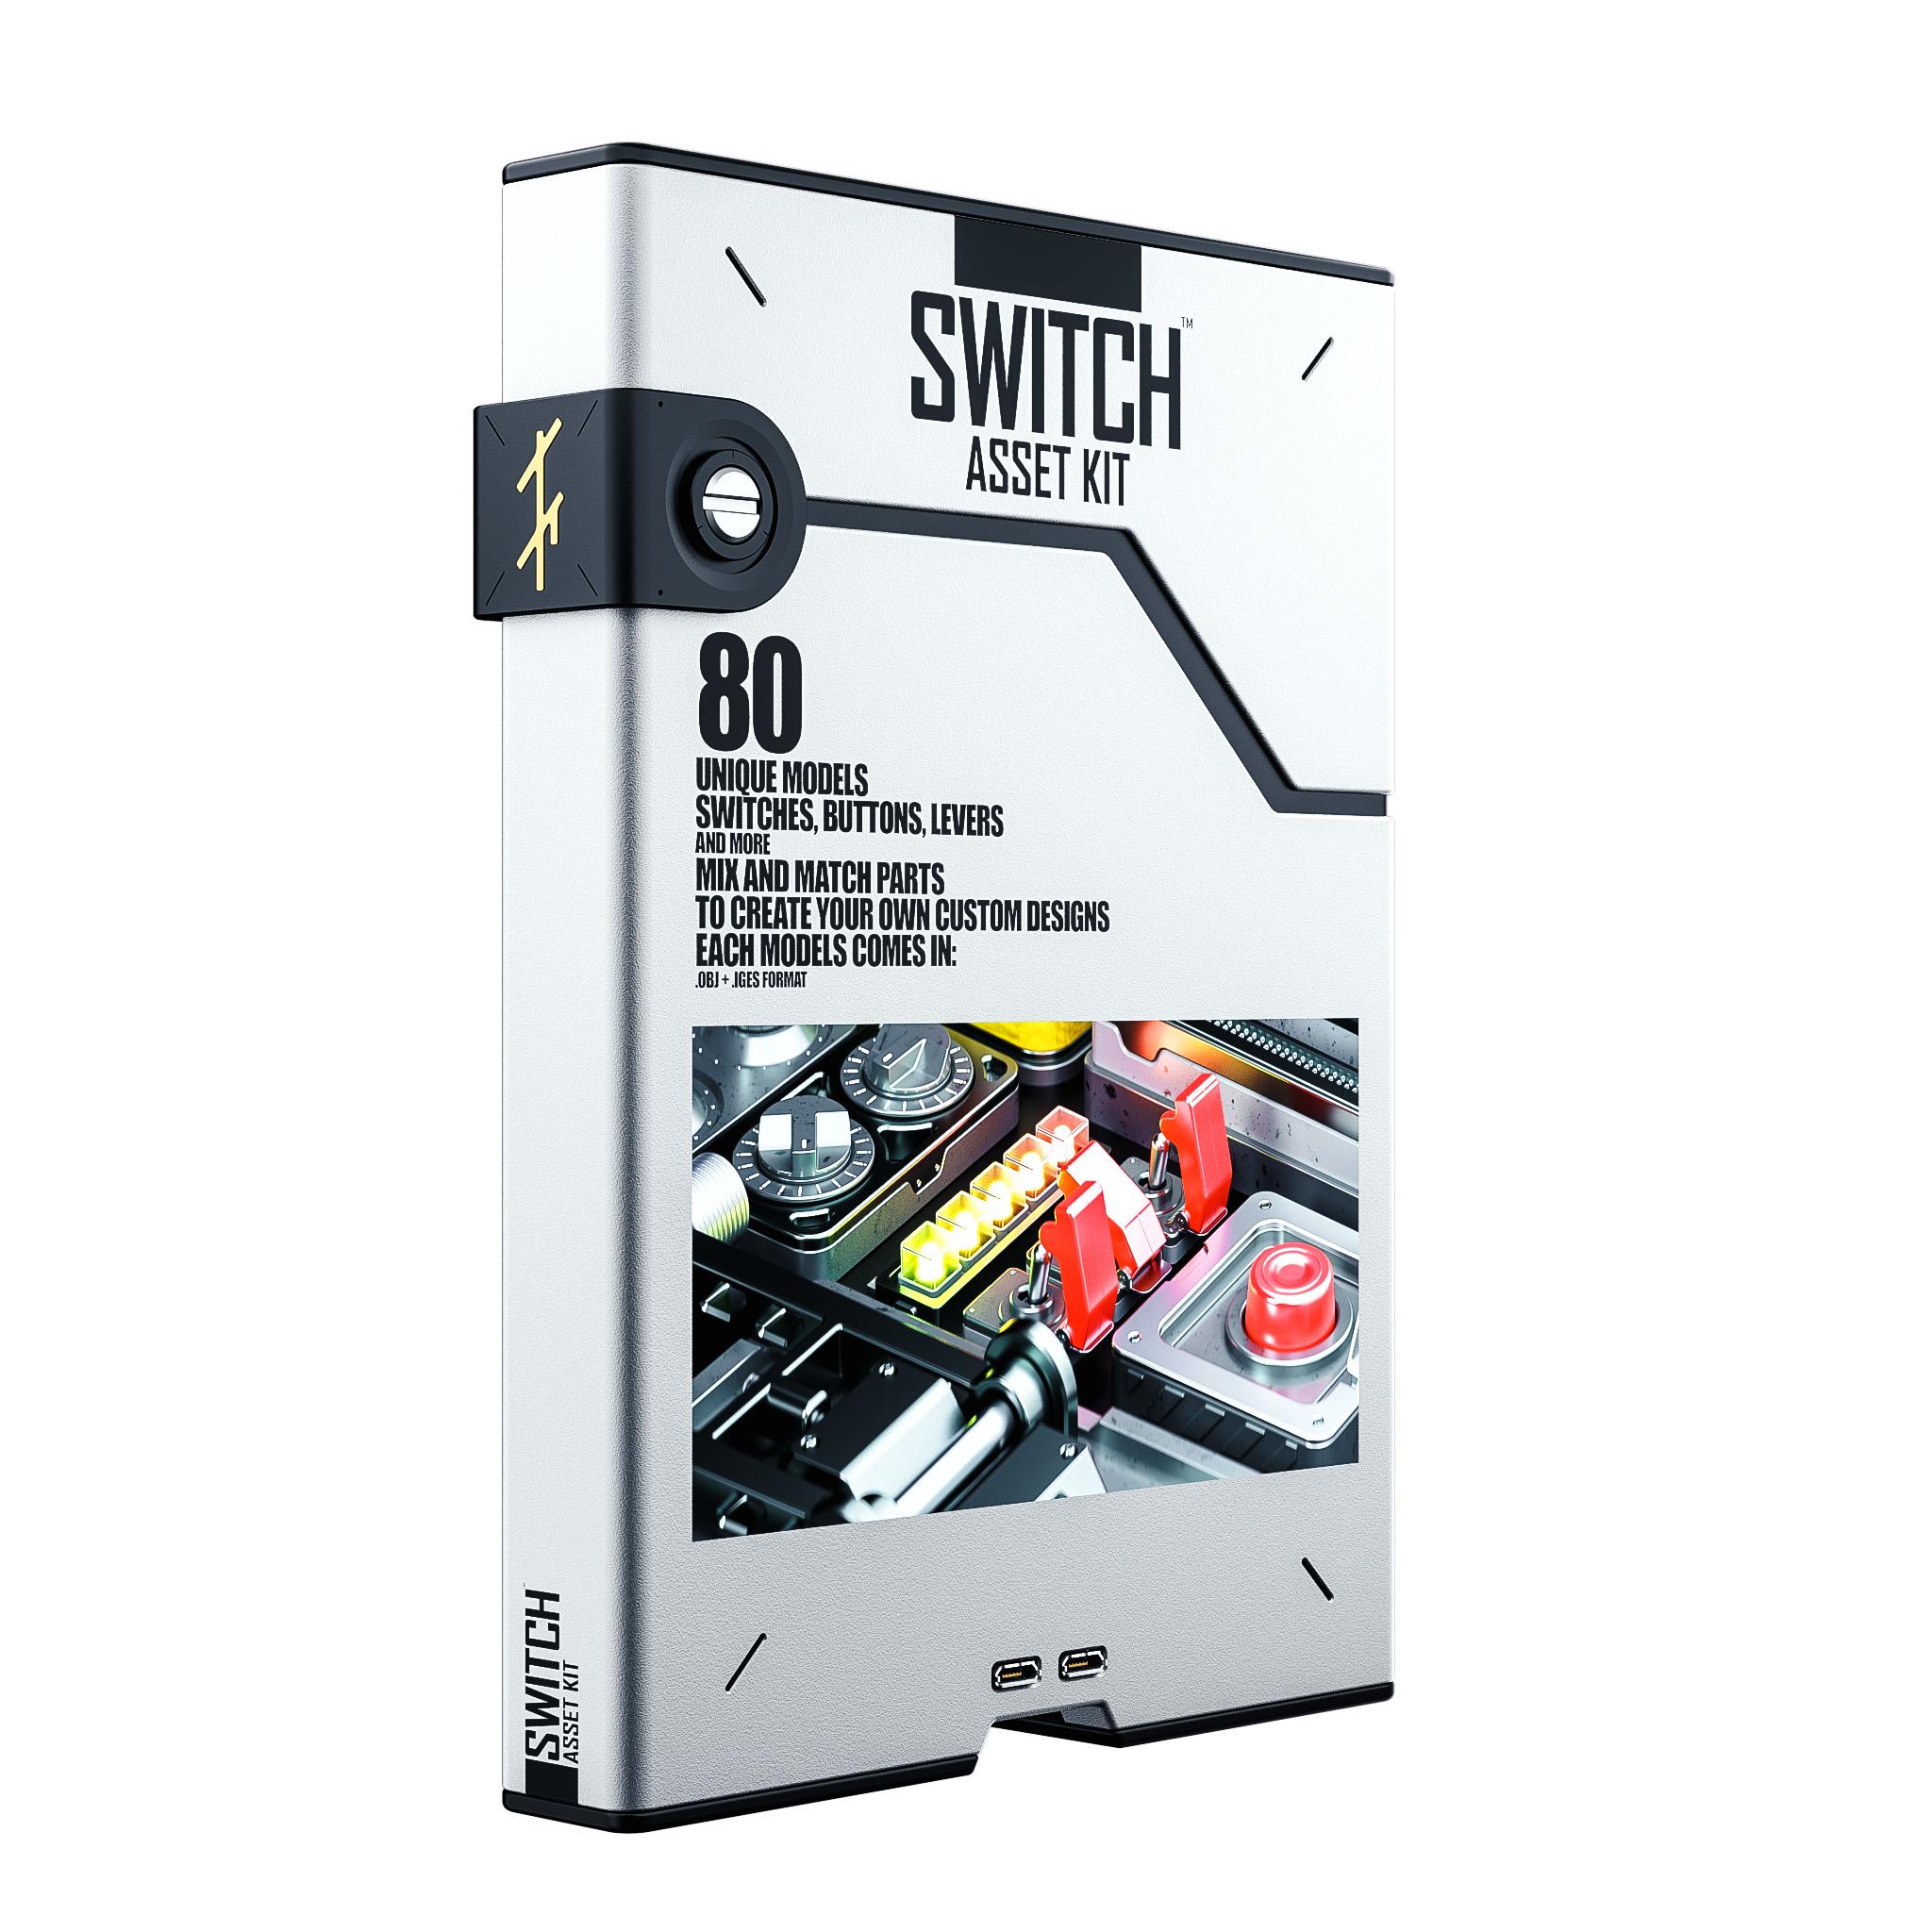 switch asset kit cover jpg.jpg